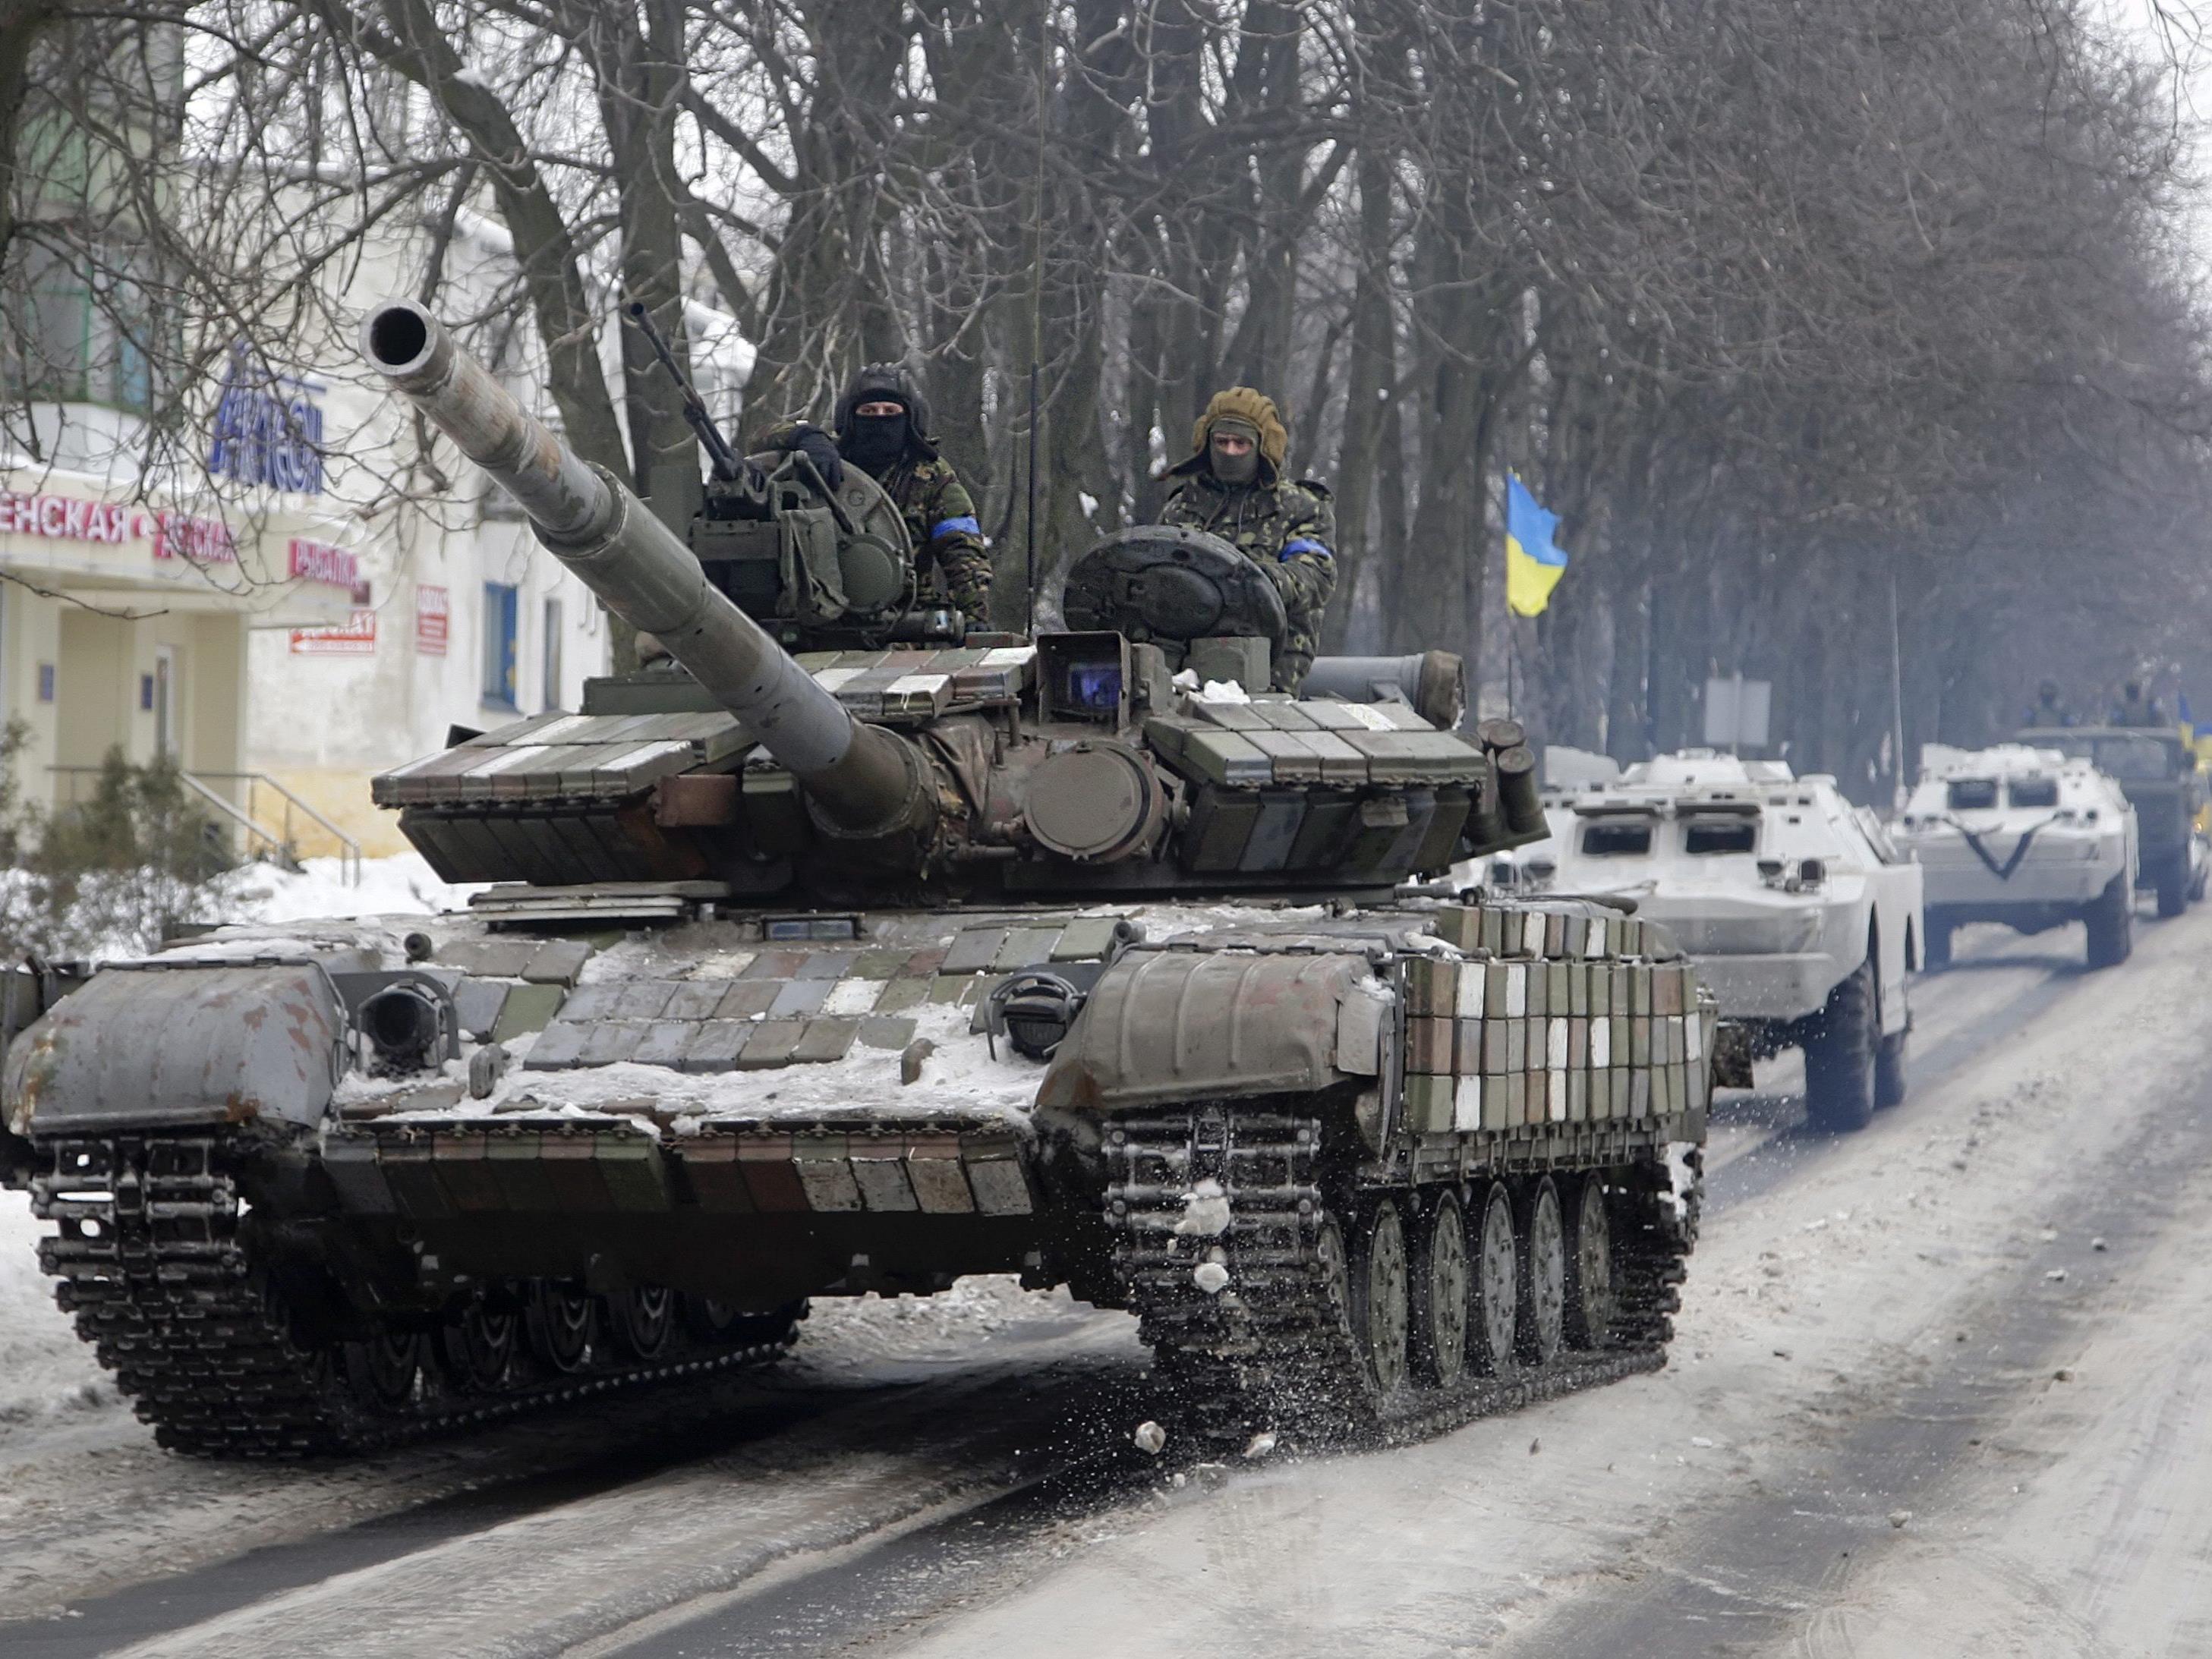 Russland wirft ukrainischem Präsidenten Doppelzüngigkeit vor.